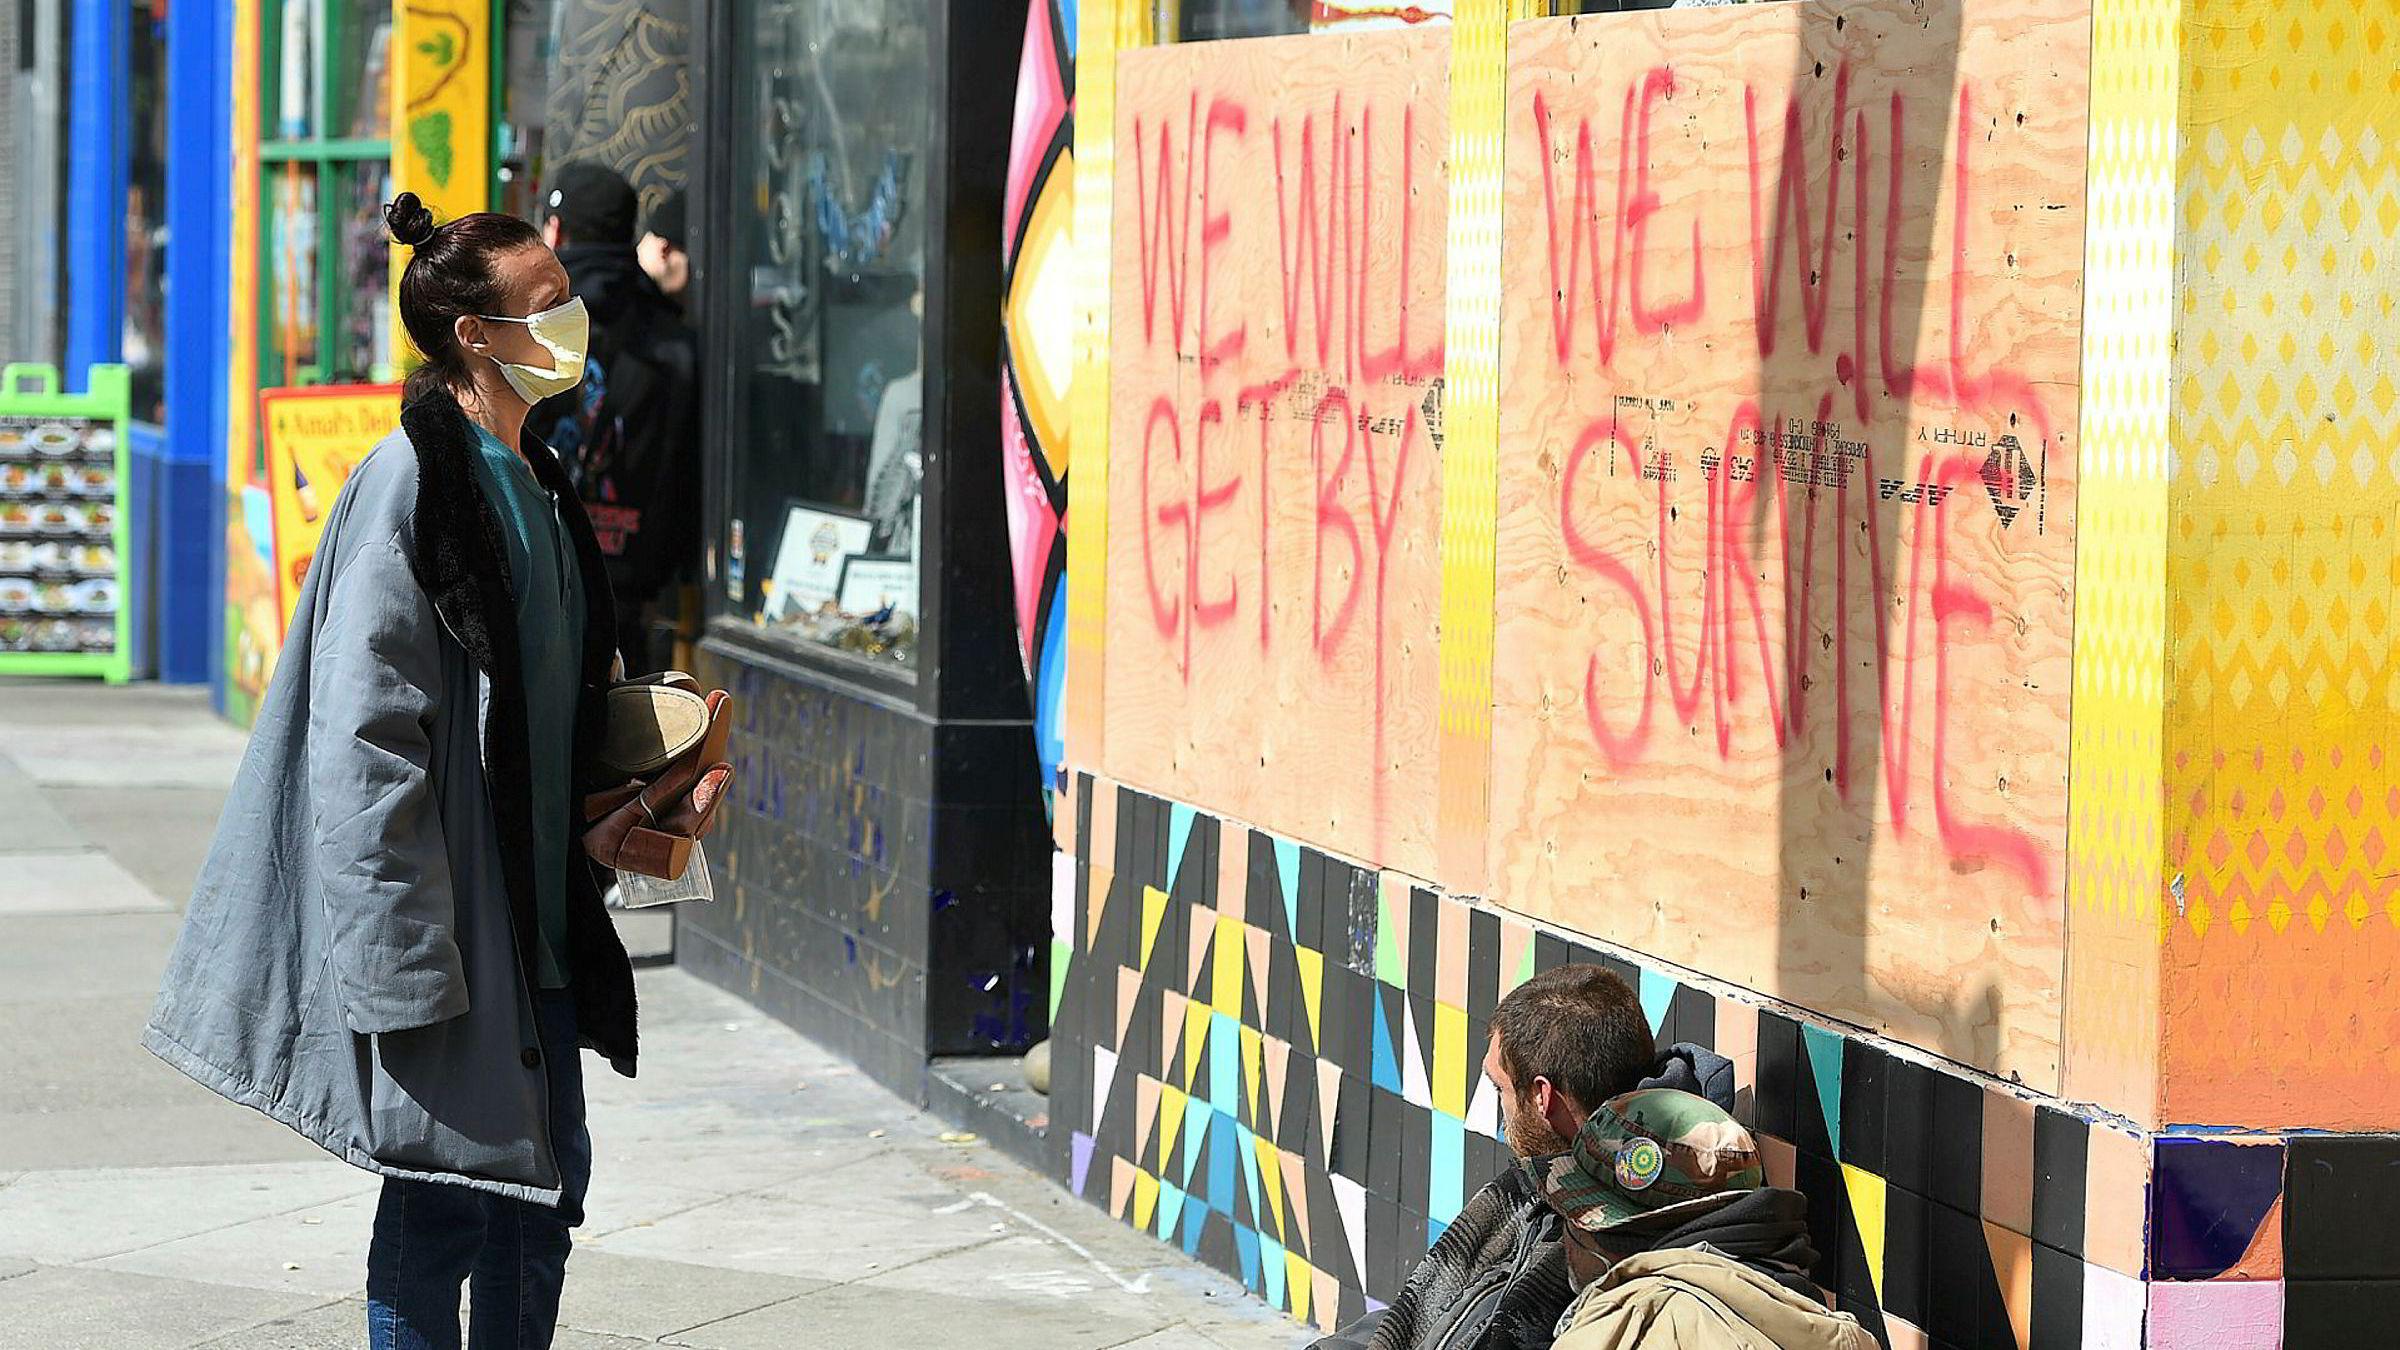 Det er først de siste dagene vestlige land har begynt å isolere storbyer, som her i San Francisco. Dette ventes å utløse en global resesjon. Ingen vet hvor lenge den vil vare.